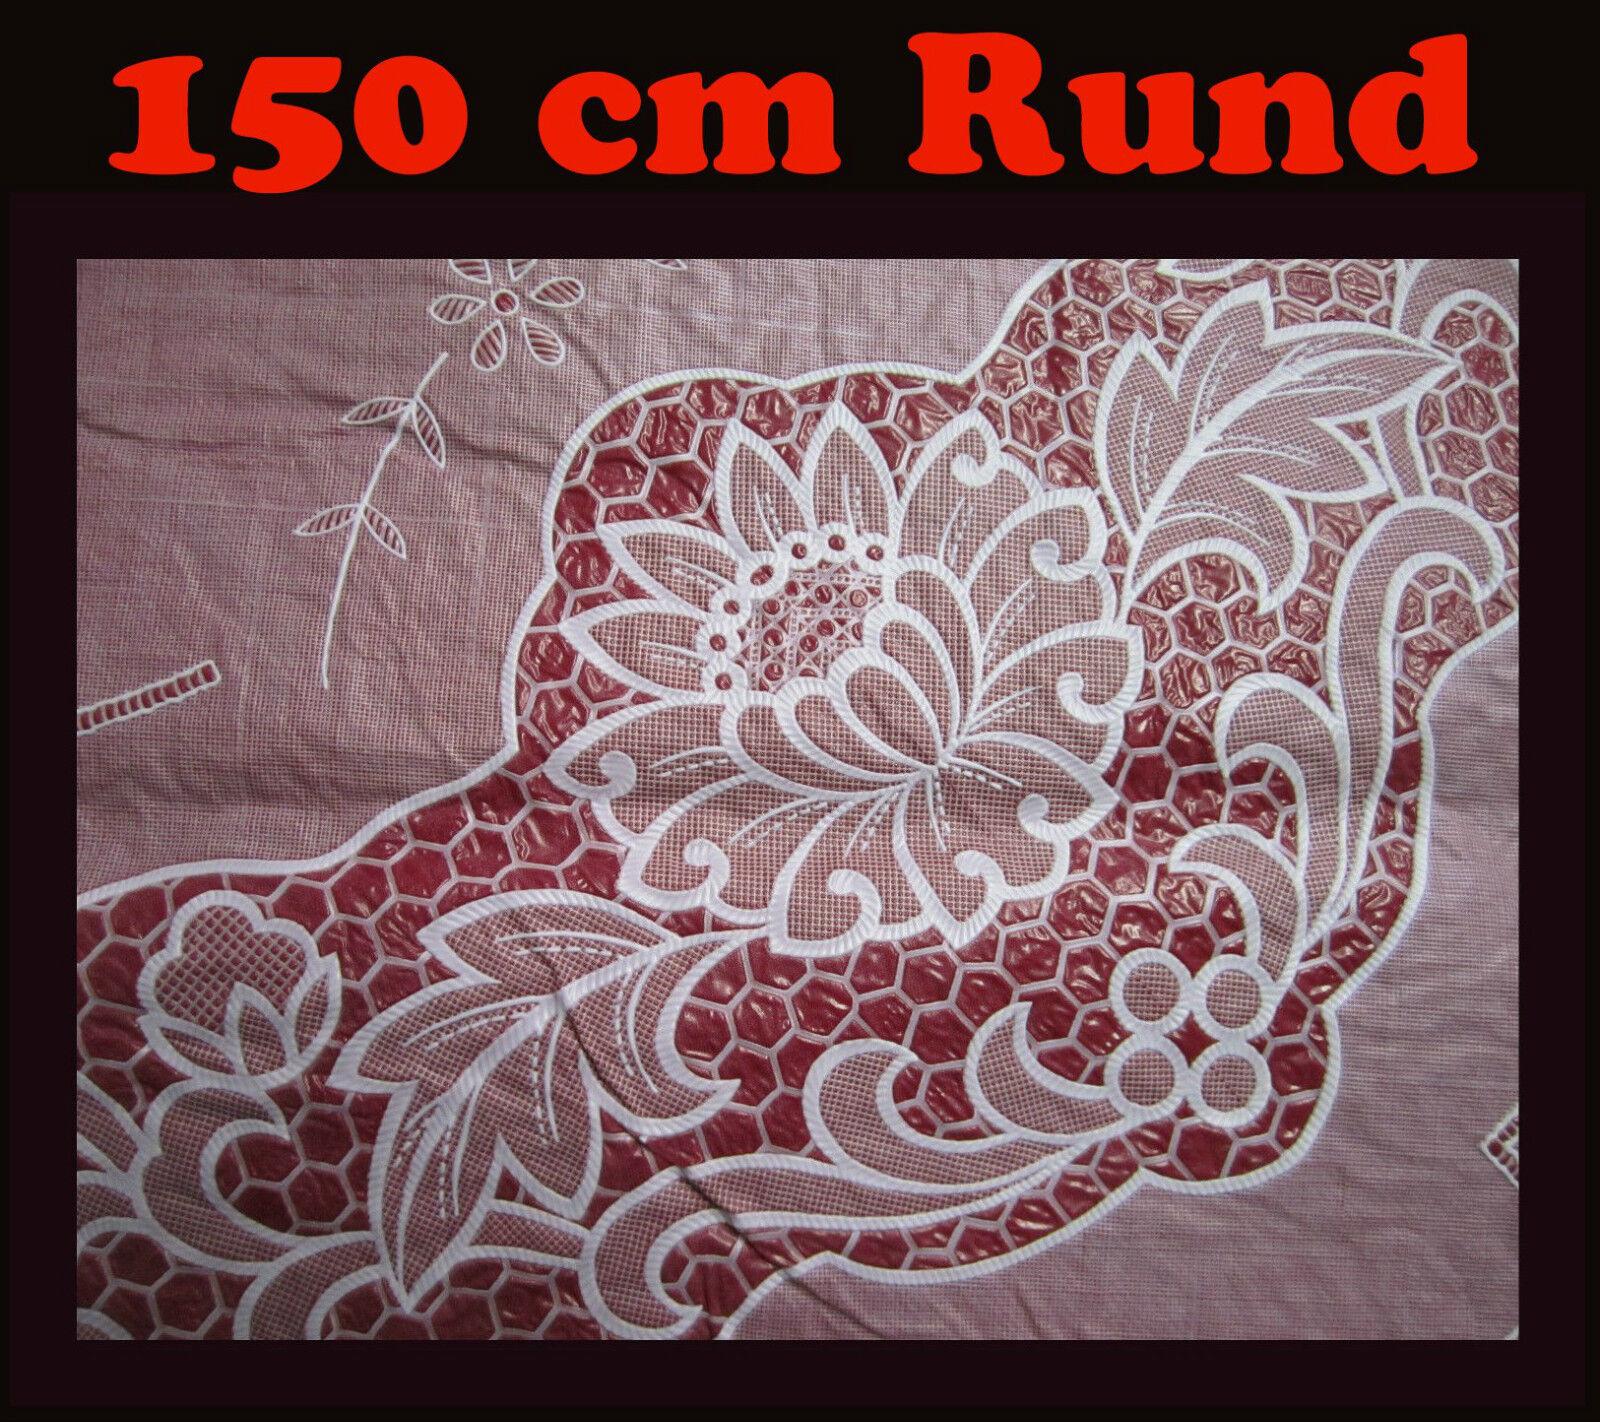 150 cm rund rot vinyl tischdecke schutzdecke mit blumenmotiv neu ebay. Black Bedroom Furniture Sets. Home Design Ideas